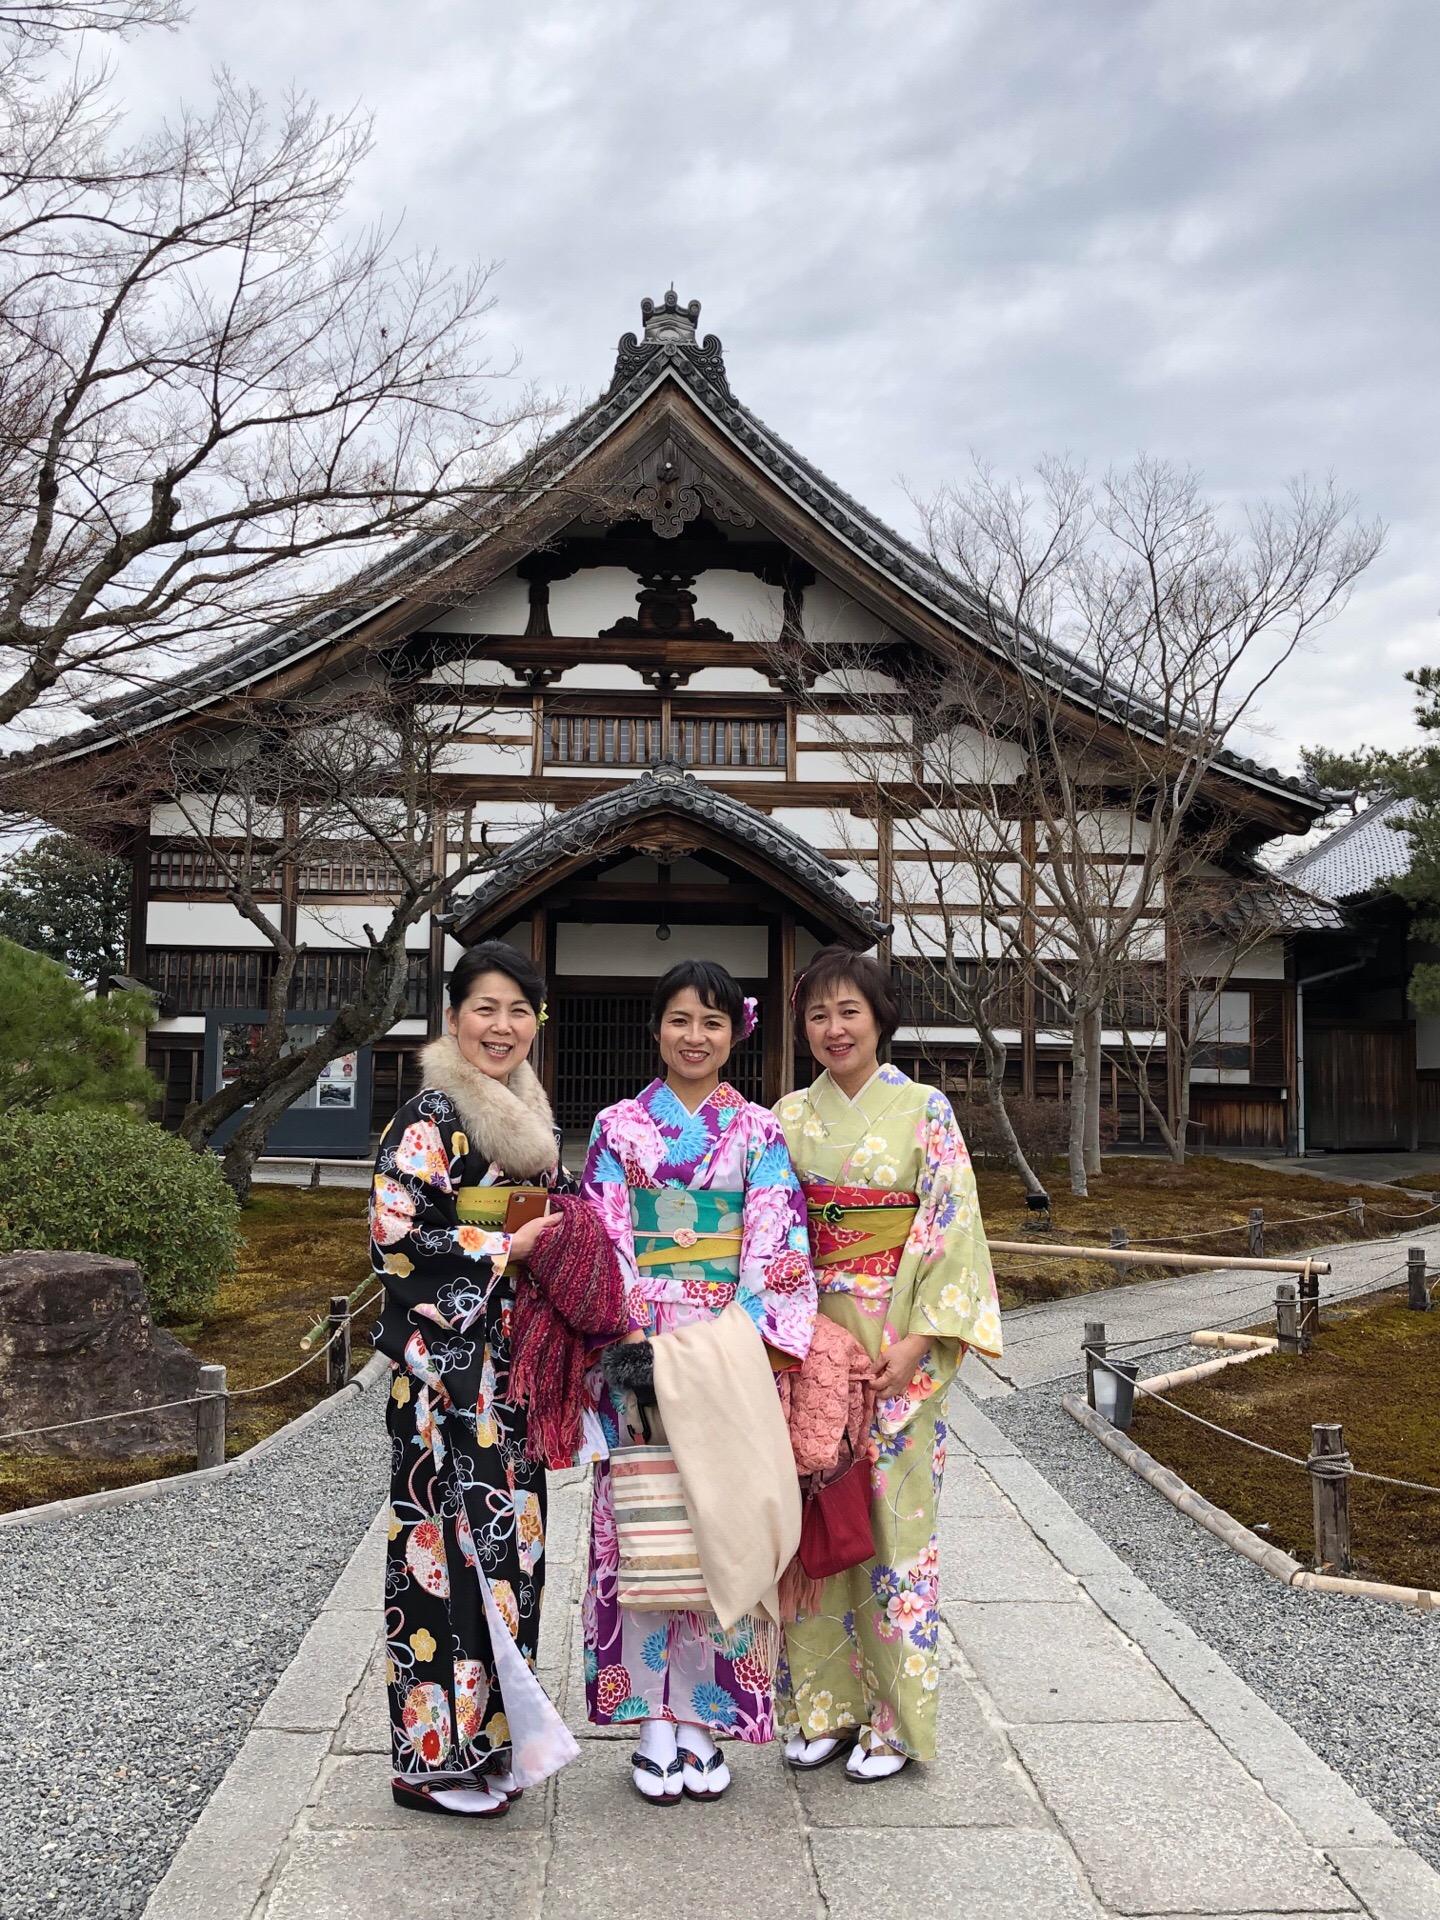 着物レンタルで高台寺を散策(^^♪2019年2月9日2